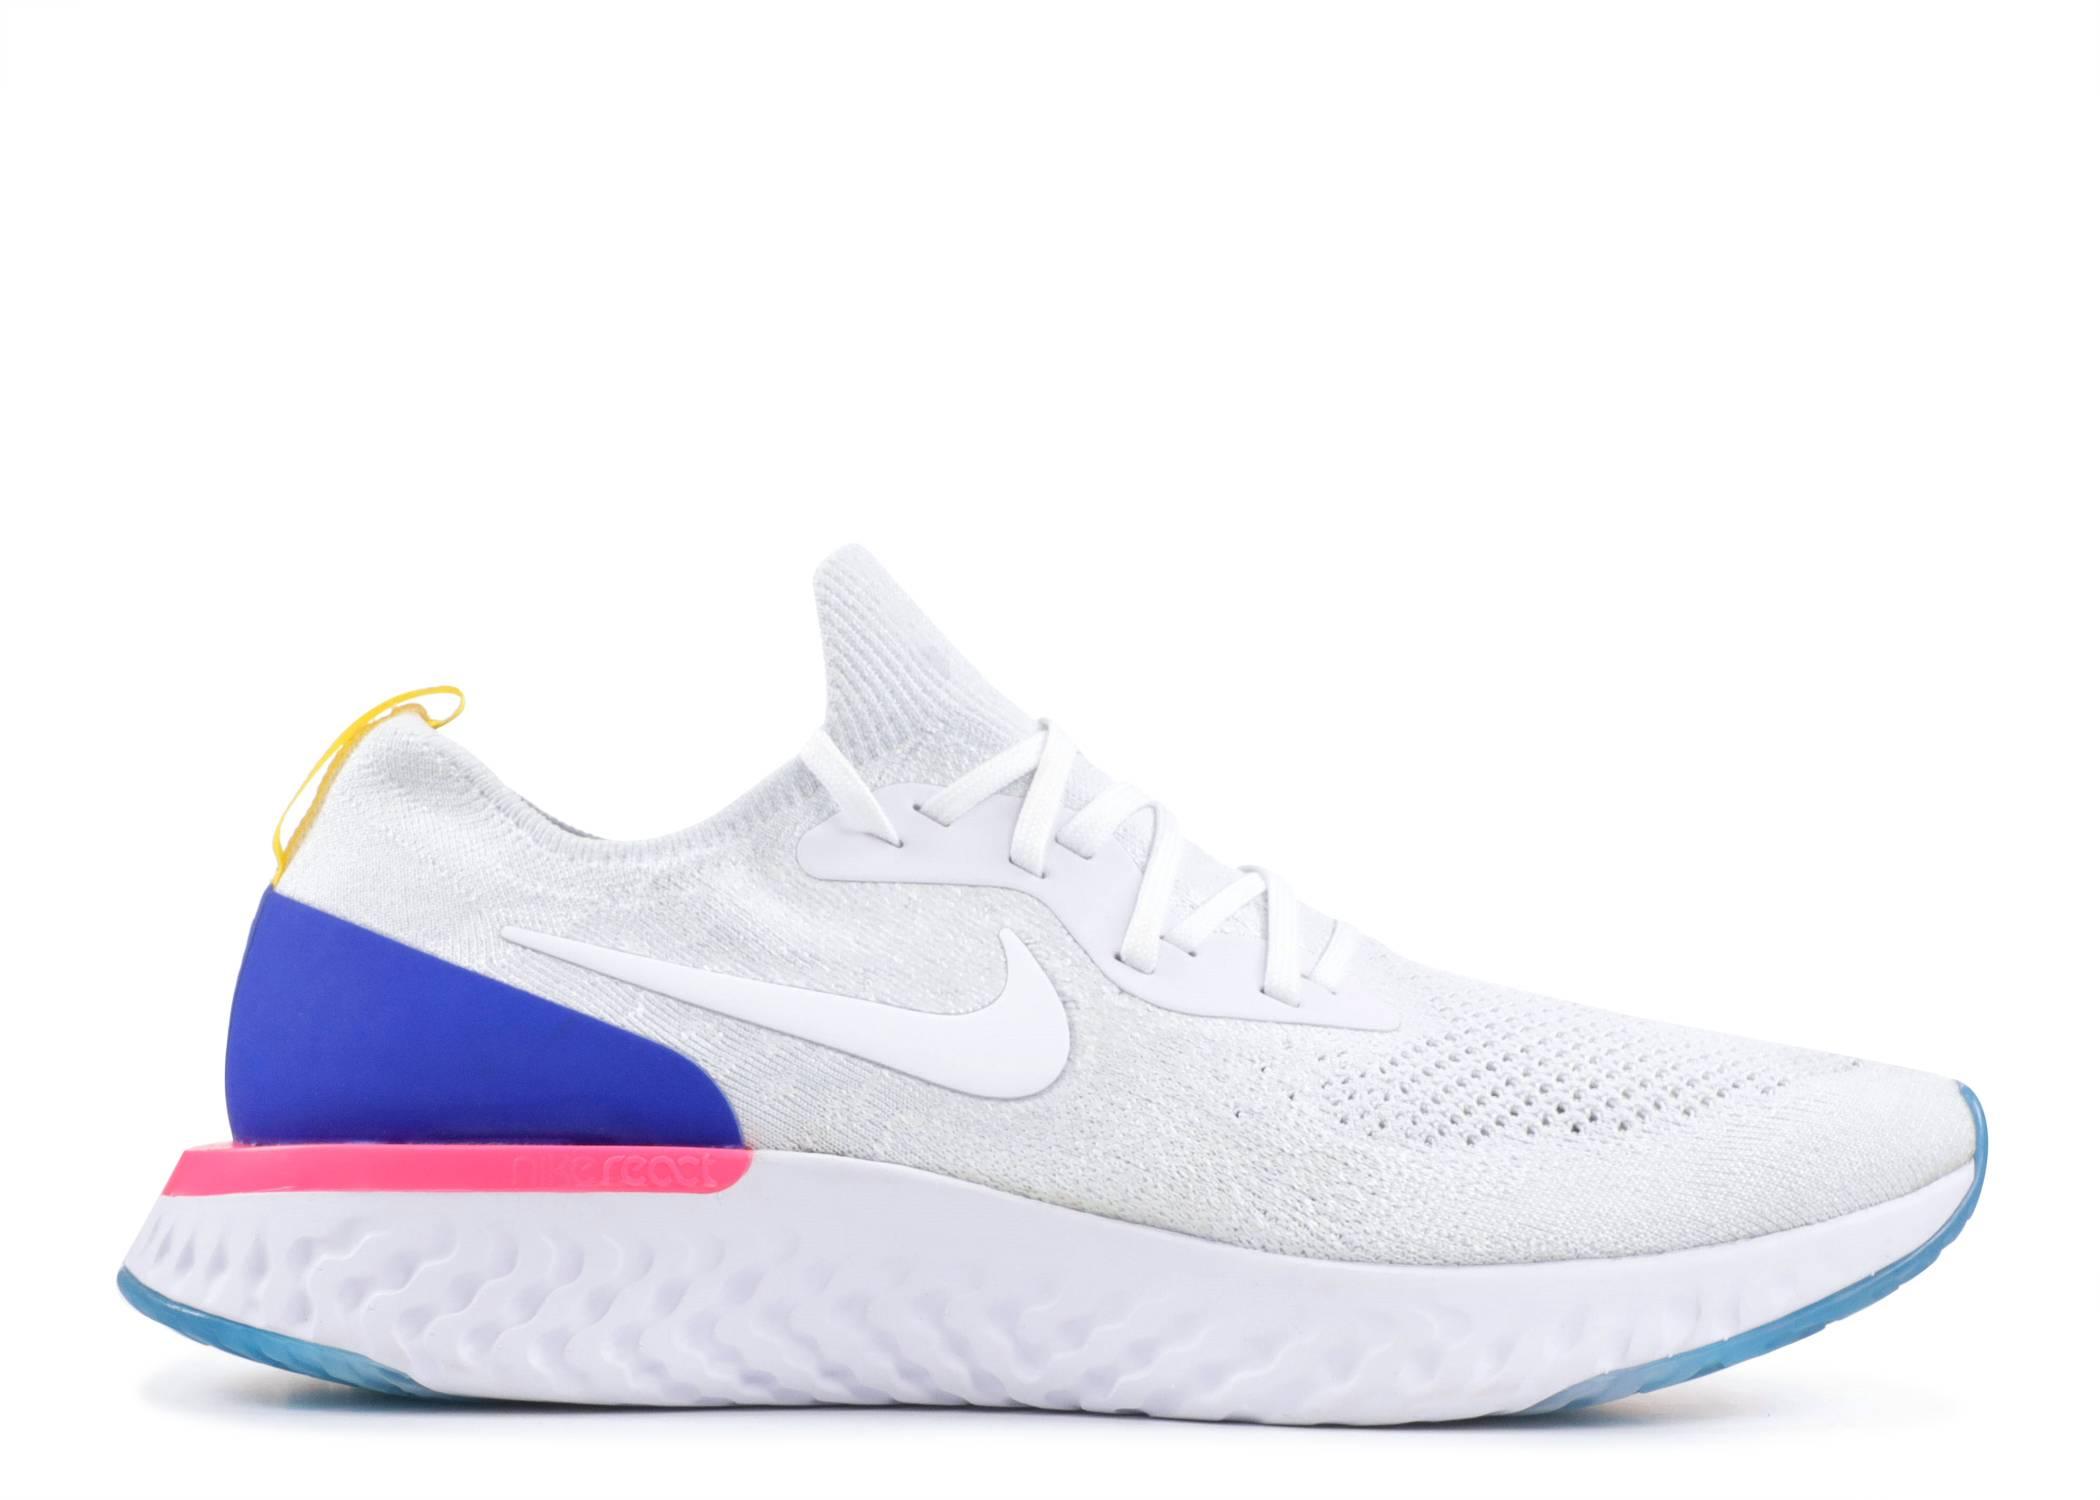 Nike Epic React Flyknit - Damen Schuhe White Größe 39 5c0ZtE